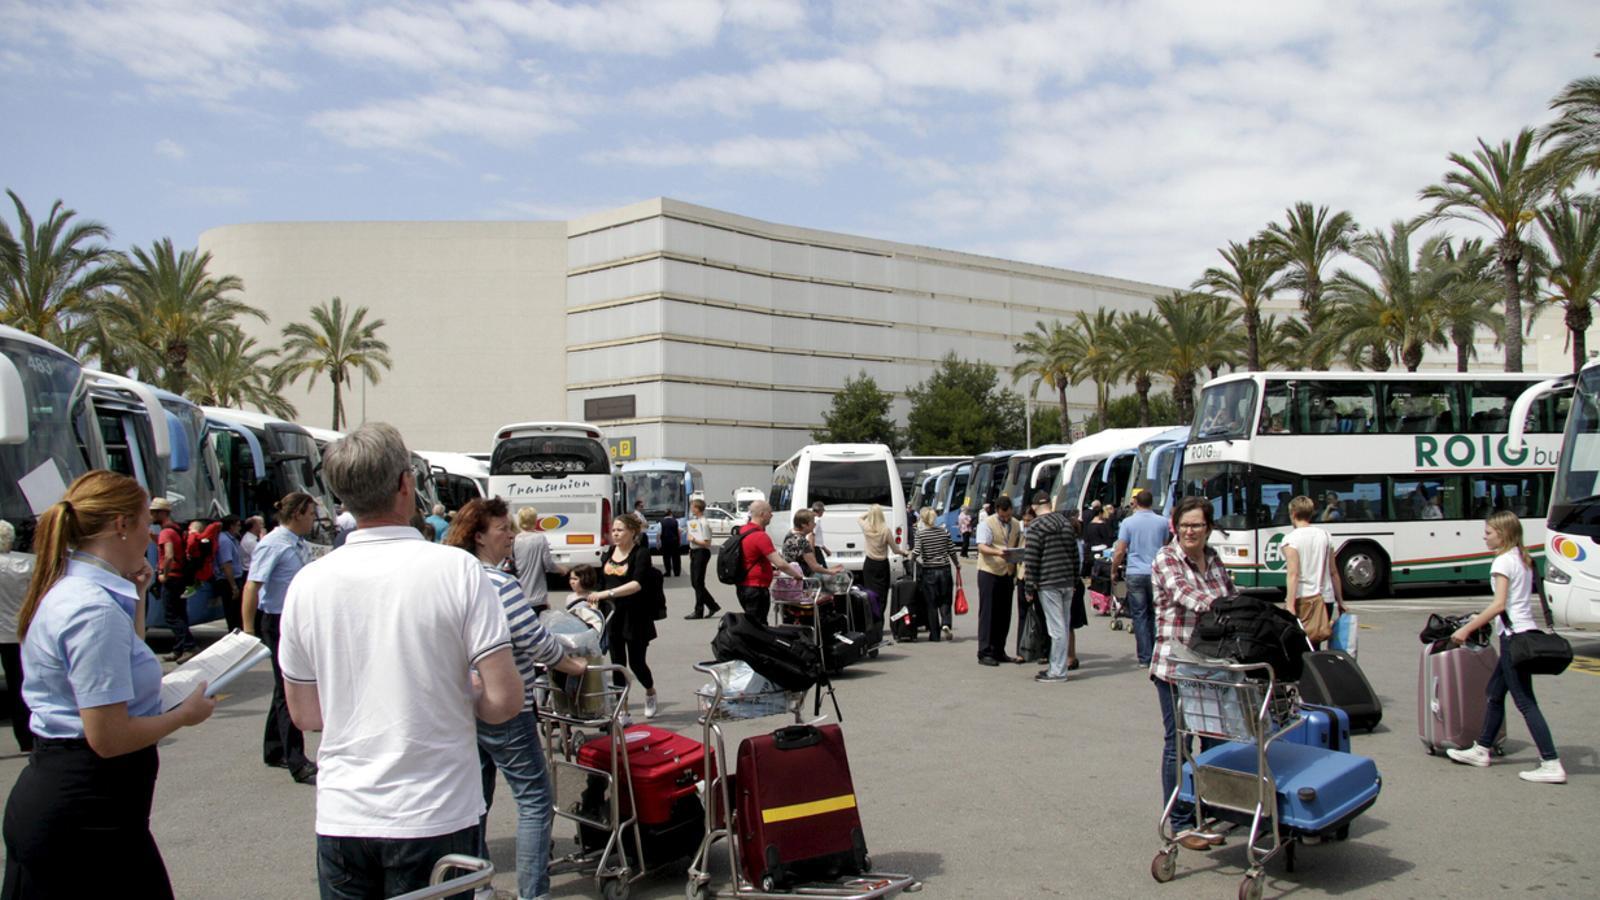 L'aeroport de Son Sant Joan. / ARA BALEARS